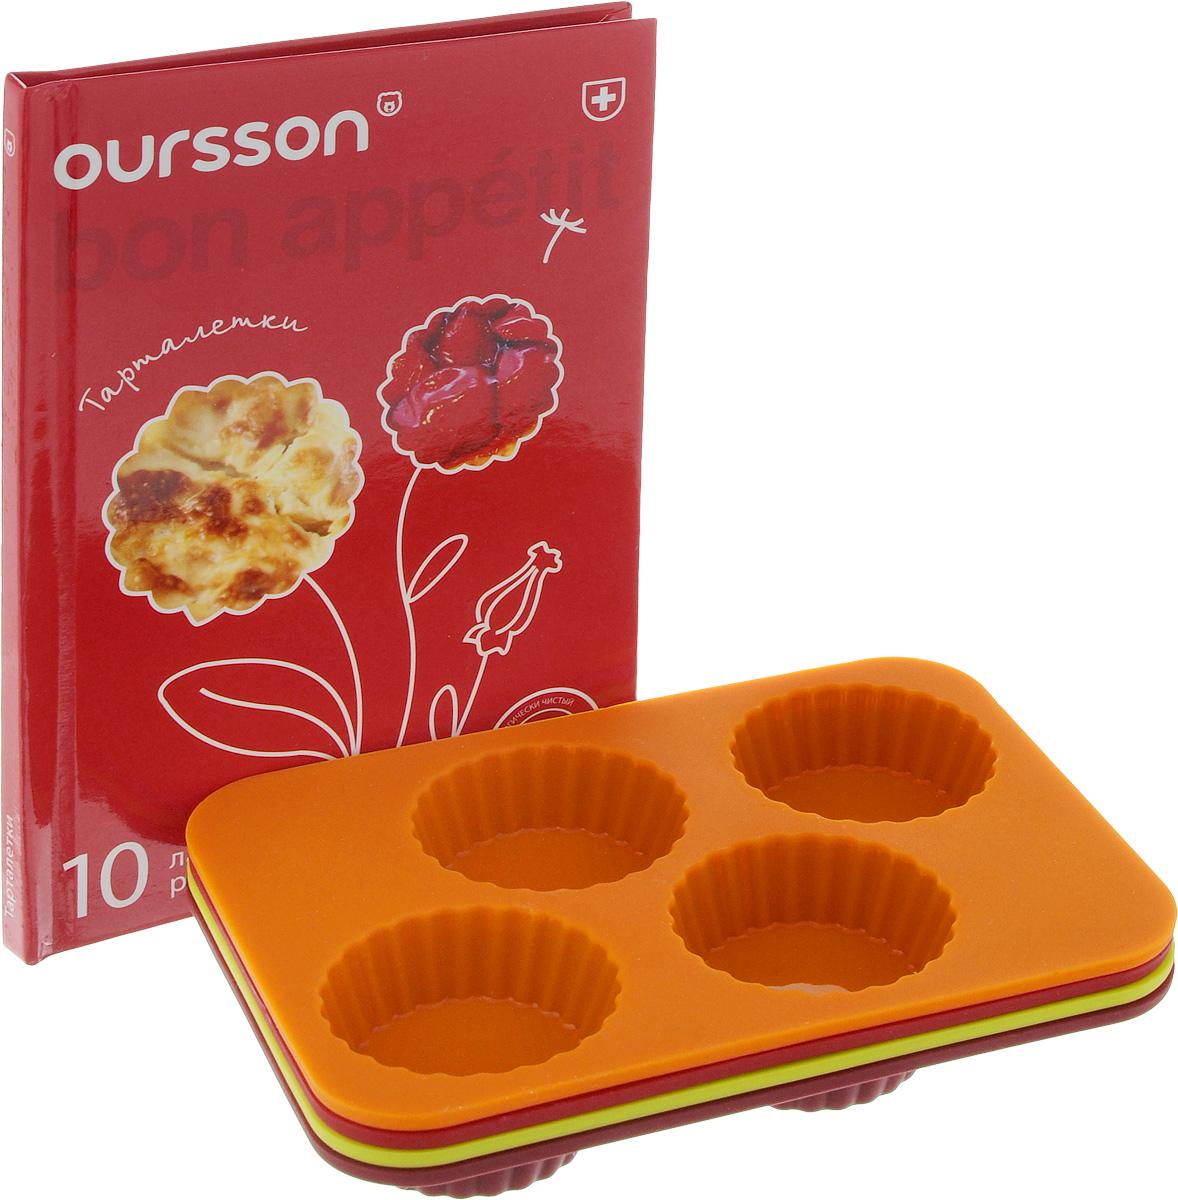 Набор для выпечки Oursson Bon Appetit, 5 предметовBW1350SS/MCНабор для выпечки Oursson Bon Appetit будет отличным выбором для всех любителей домашней выпечки. Набор состоит из 4 силиконовых форм для выпечки. Каждая форма имеет 4 ячейки для выпечки тарталеток. Силиконовые формы для выпечки имеют множество преимуществ по сравнению с традиционными металлическими формами и противнями. Нет необходимости смазывать форму маслом. Она быстро нагревается, равномерно пропекает, не допускает подгорания выпечки с краев или снизу. Материал устойчив к фруктовым кислотам, не ржавеет, на нем не образуются пятна. В комплекте к формам идет книга с 10 рецептами. Форма может быть использована в духовках и микроволновых печах (выдерживает температуру от -20°С до +220°С), также ее можно помещать в морозильную камеру и холодильник. Размер формы: 12,5 х 9 х 1,3 см. Размер ячейки: 4 х 4 х 1,3 см.